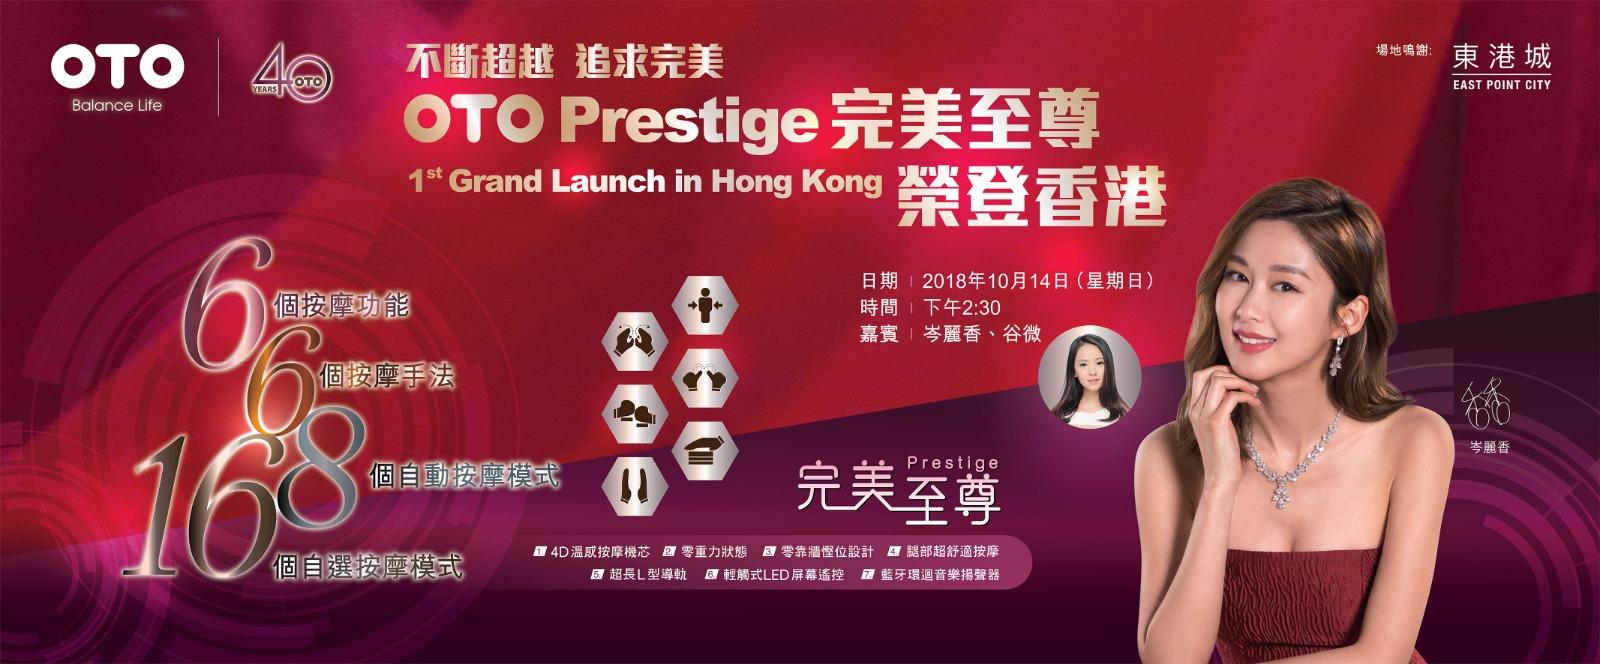 OTO Prestige 完美至尊隆重登場